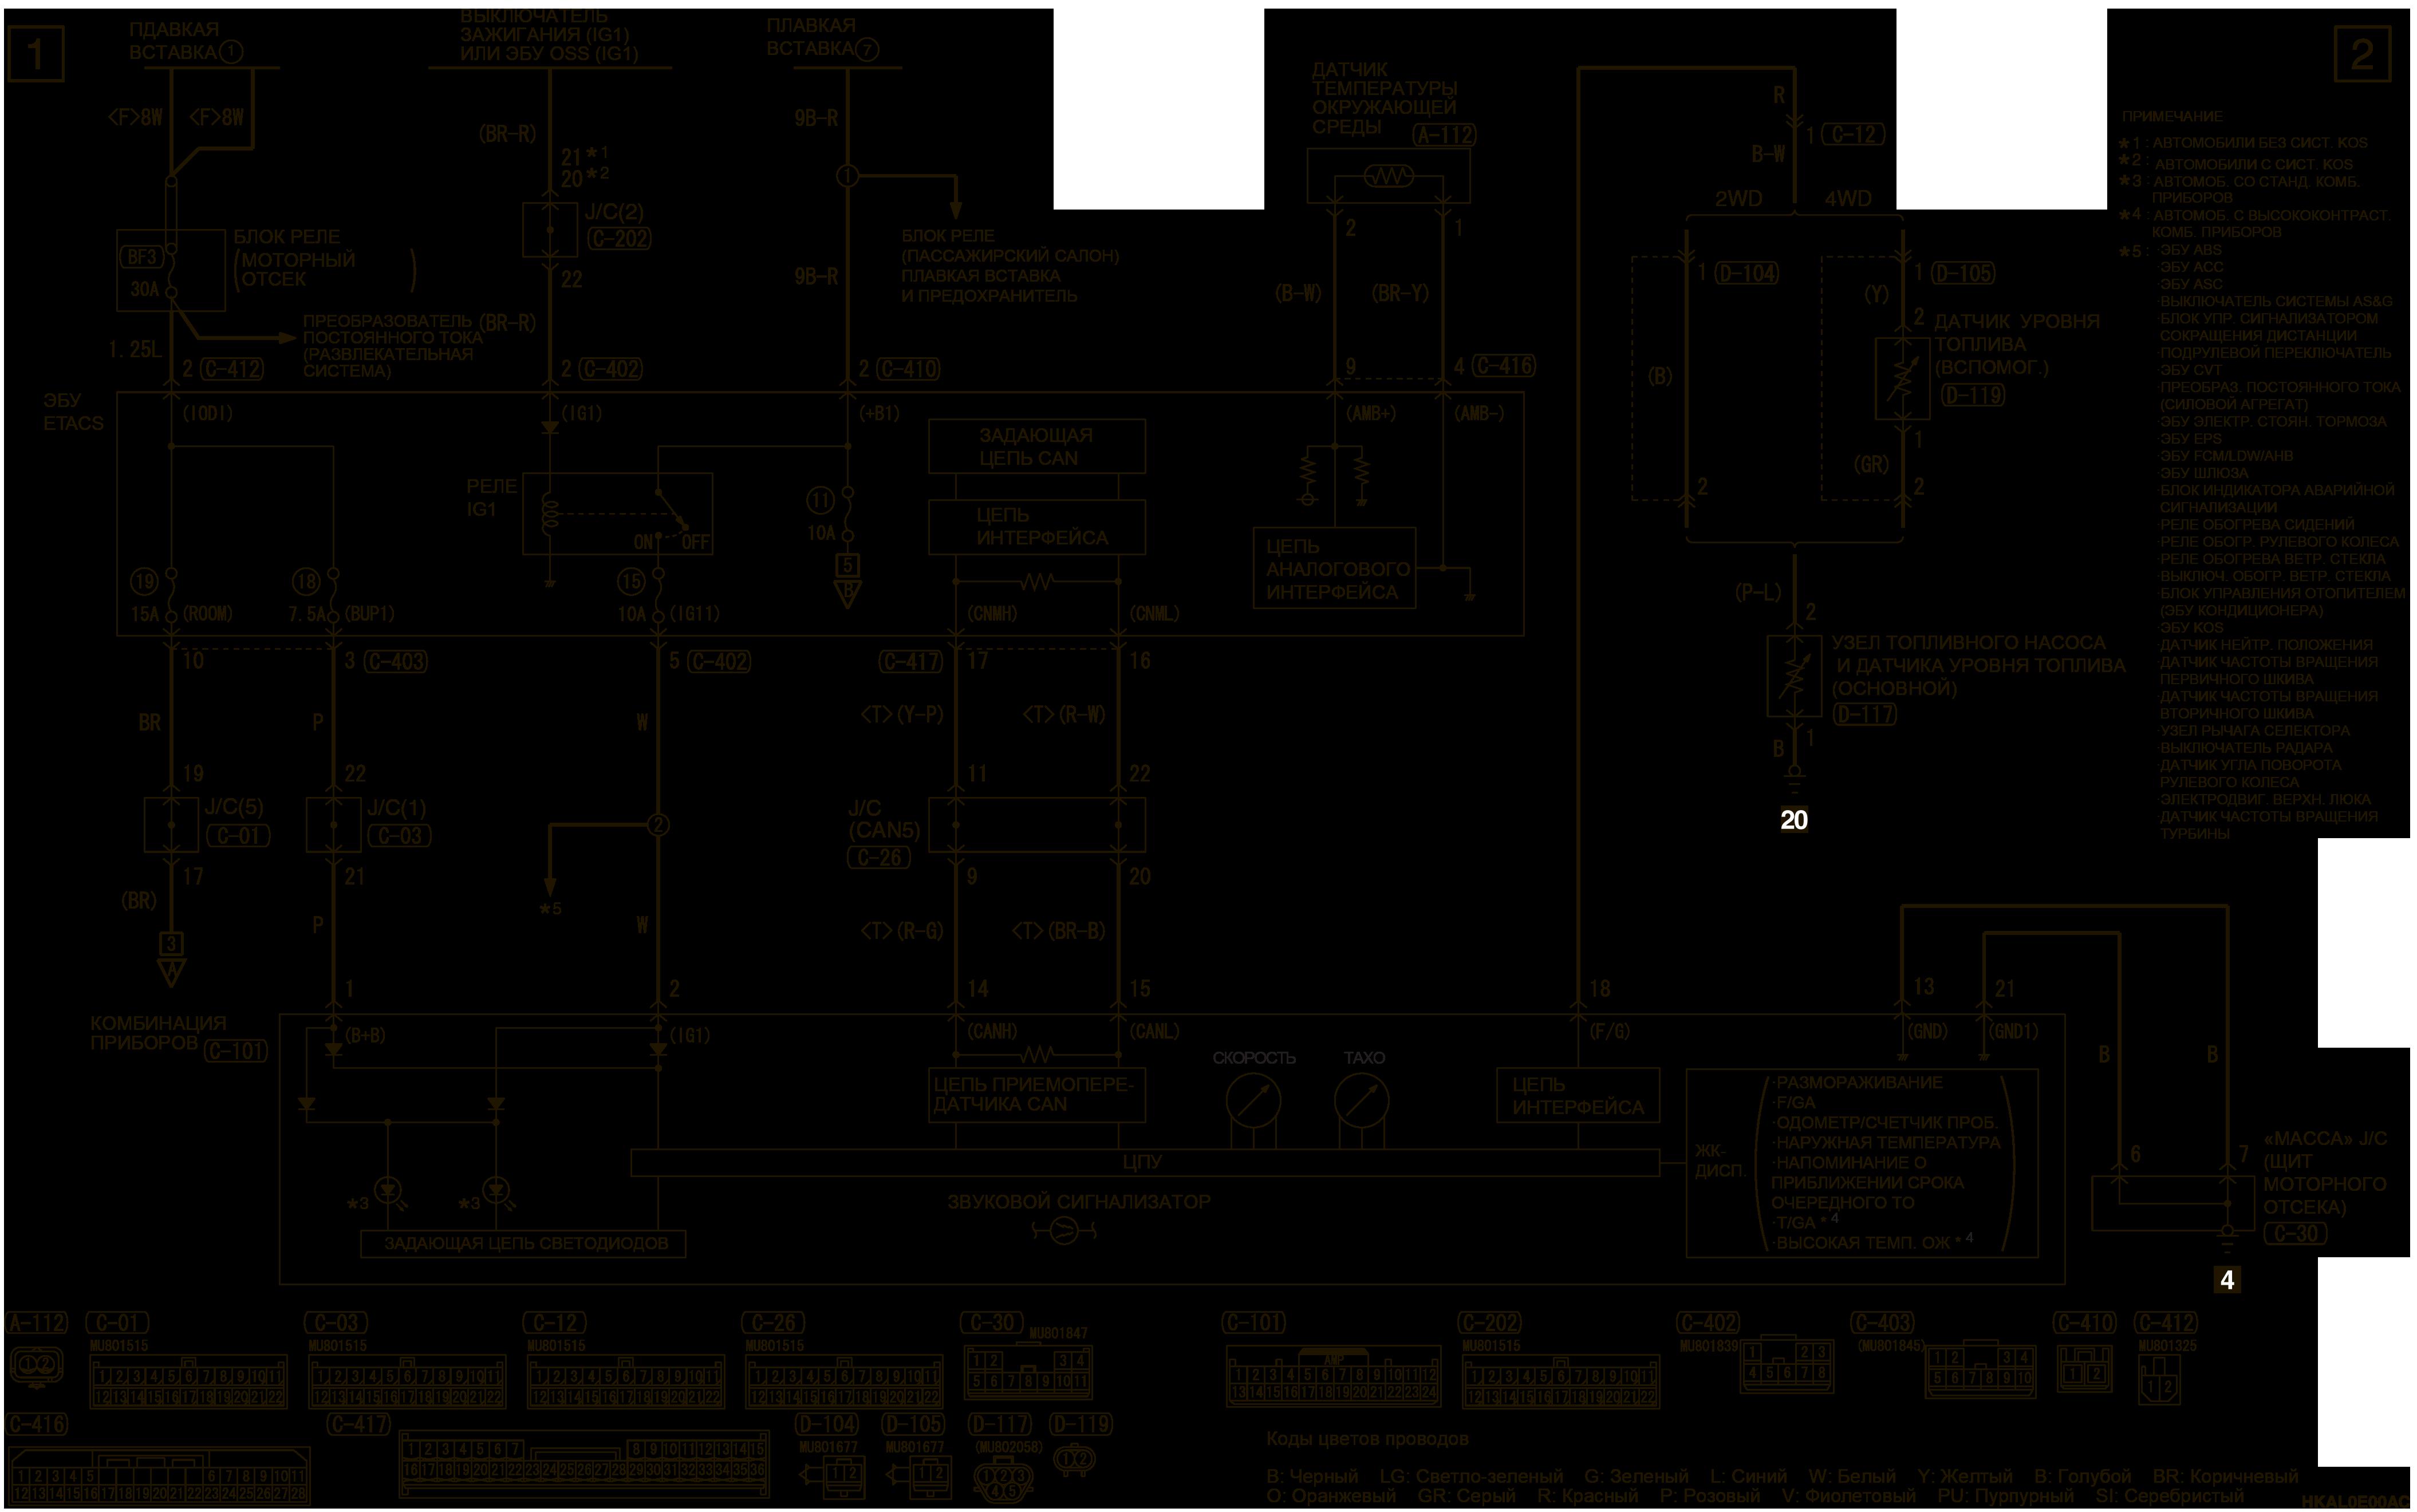 mmc аутлендер 3 2019 электросхемаПРИБОРЫ И УКАЗАТЕЛИ ЛЕВОСТОРОННЕЕ УПРАВЛЕНИЕ